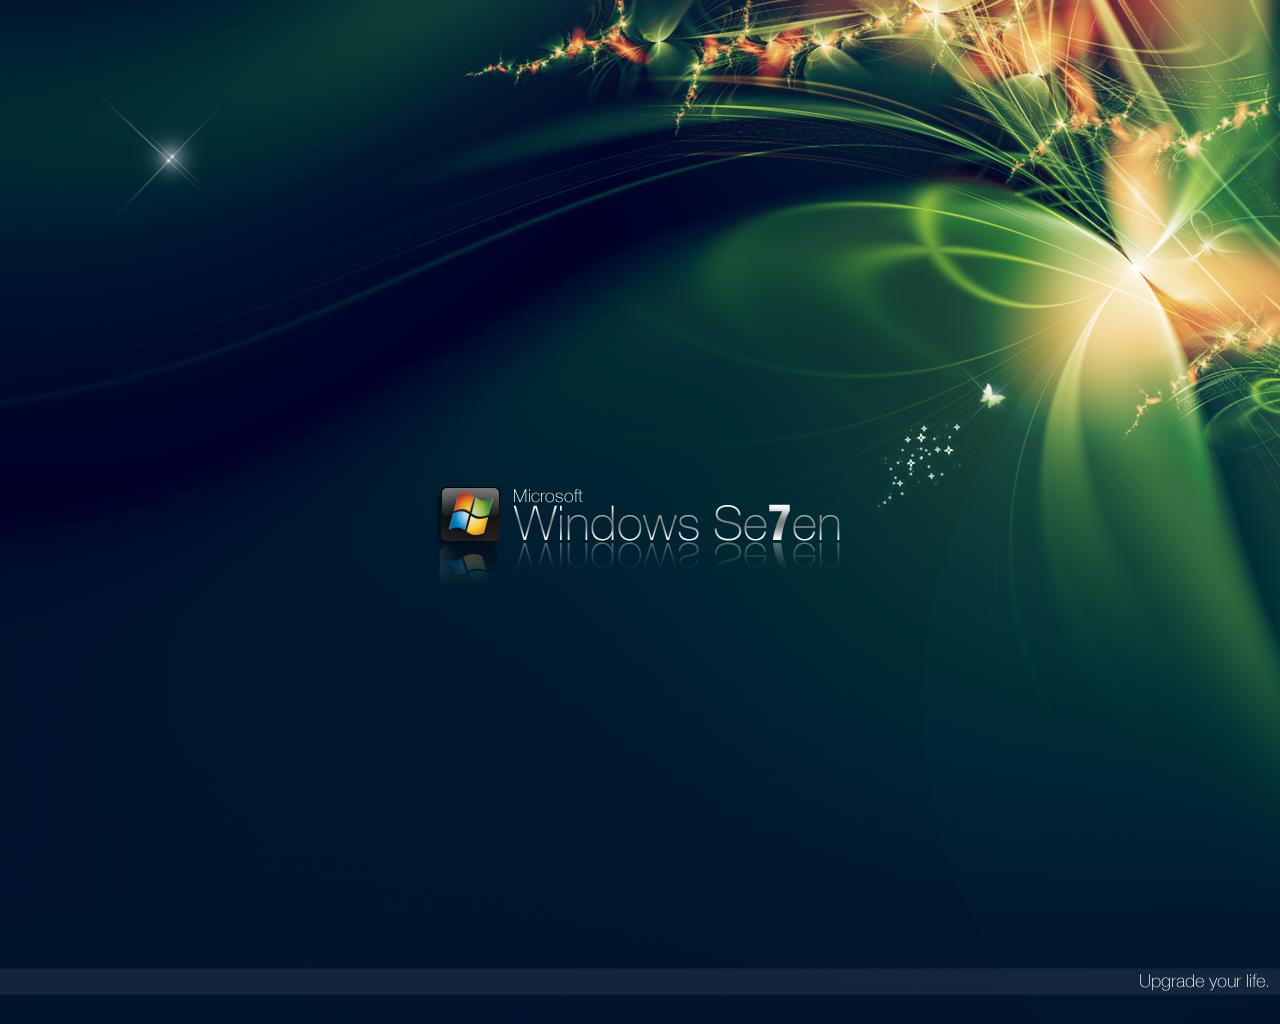 http://2.bp.blogspot.com/-3aGCEqOXIpU/Tt8QFm5MqXI/AAAAAAAAHXE/uKZQK4dxypE/s1600/windows_seven_wallpaper_v_2_by_youness_toulouse.png